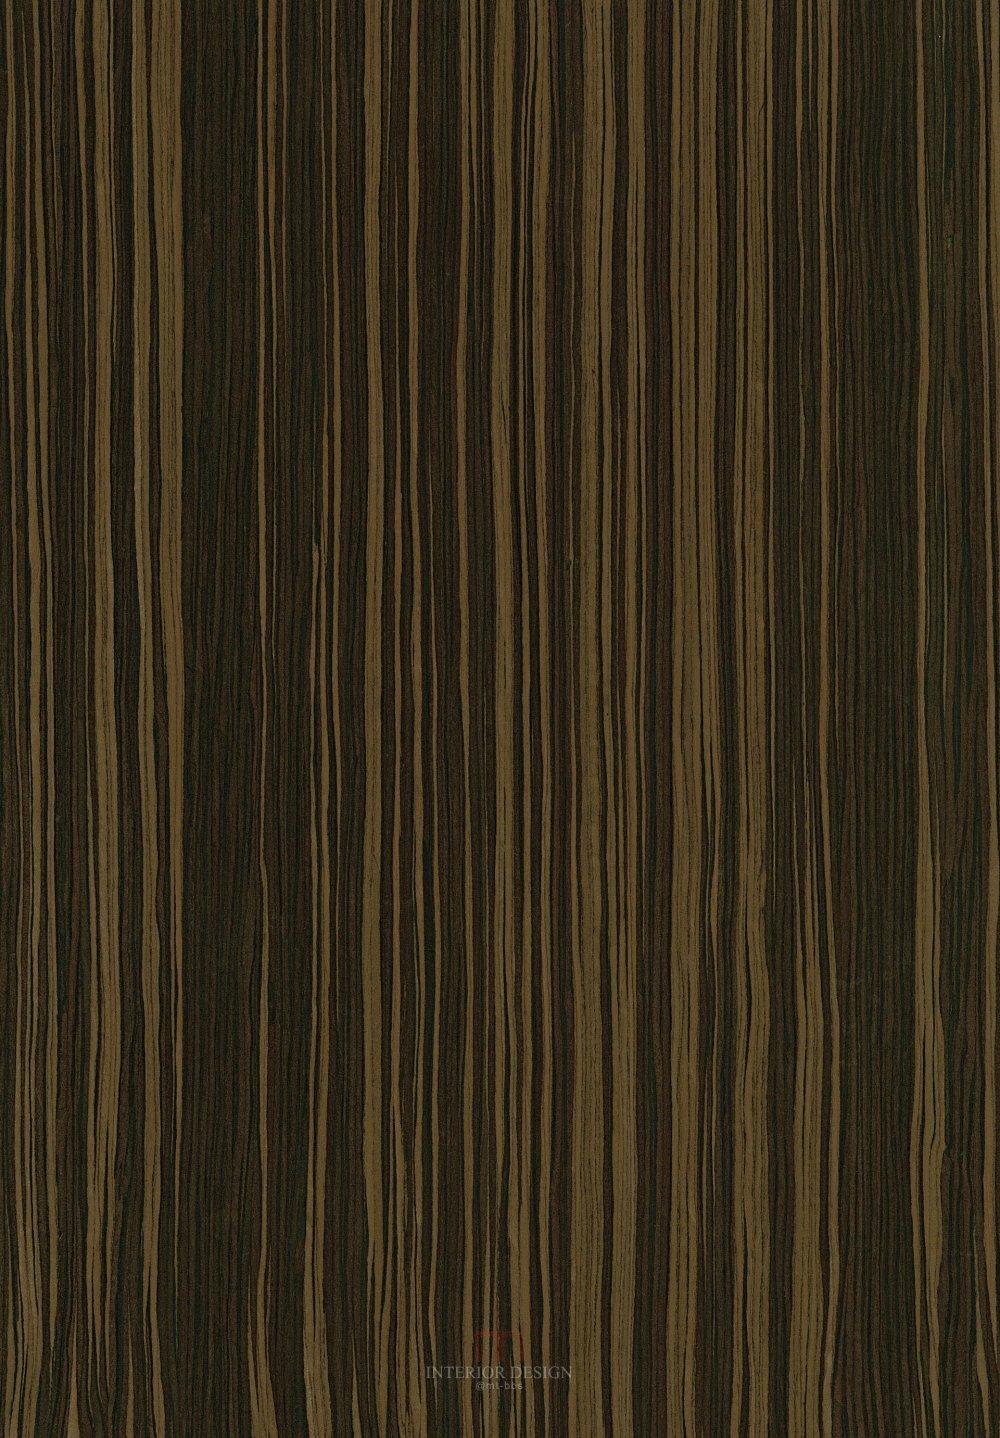 人造木纹_K6242_F0603.jpg